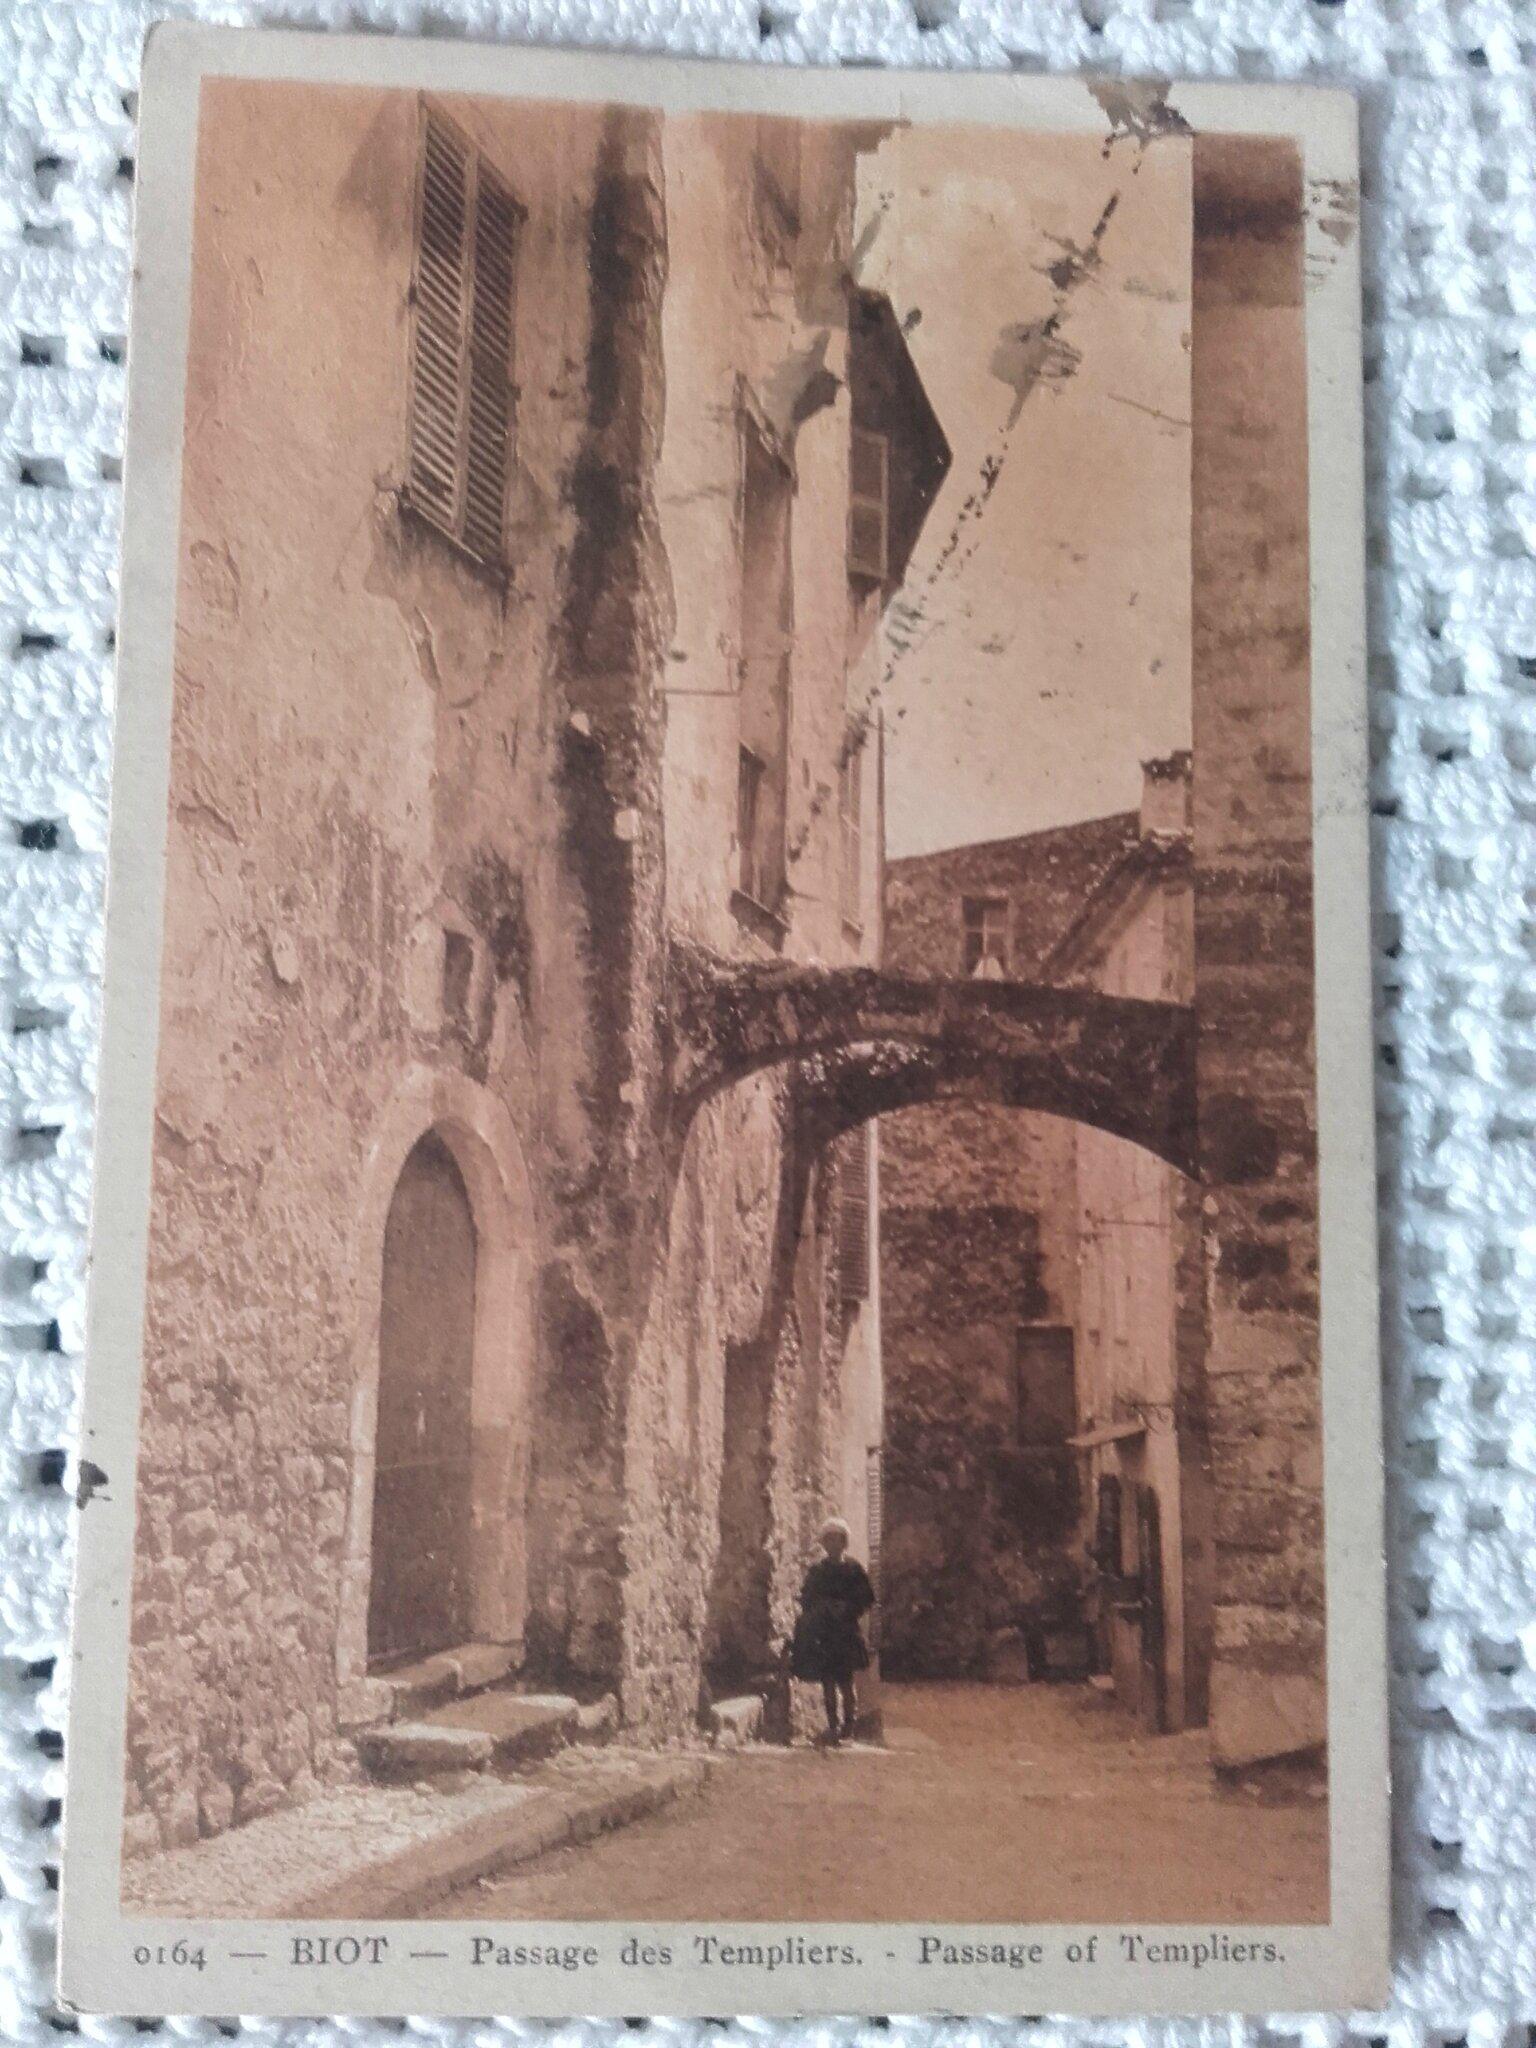 Biot - passage des Templiers datée 1932